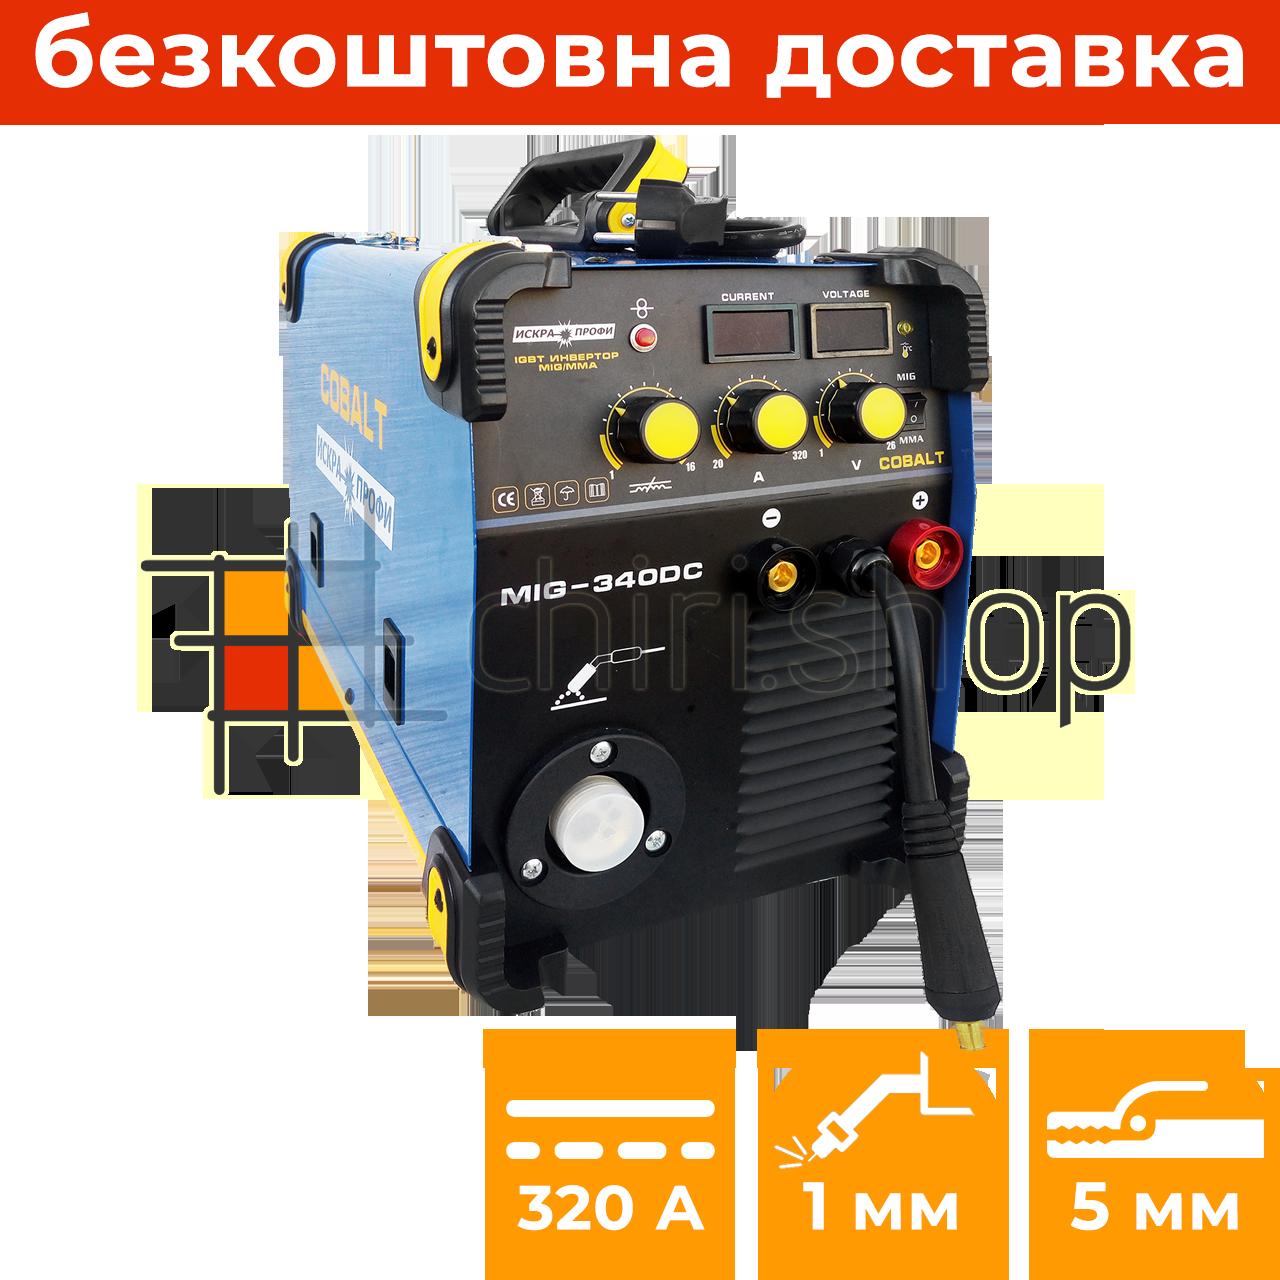 Сварочный полуавтомат 2 в 1 (MIG MMA) Искра-Профи Cobalt MIG-340DC сварочный аппарат миг, полуавтомат для дома